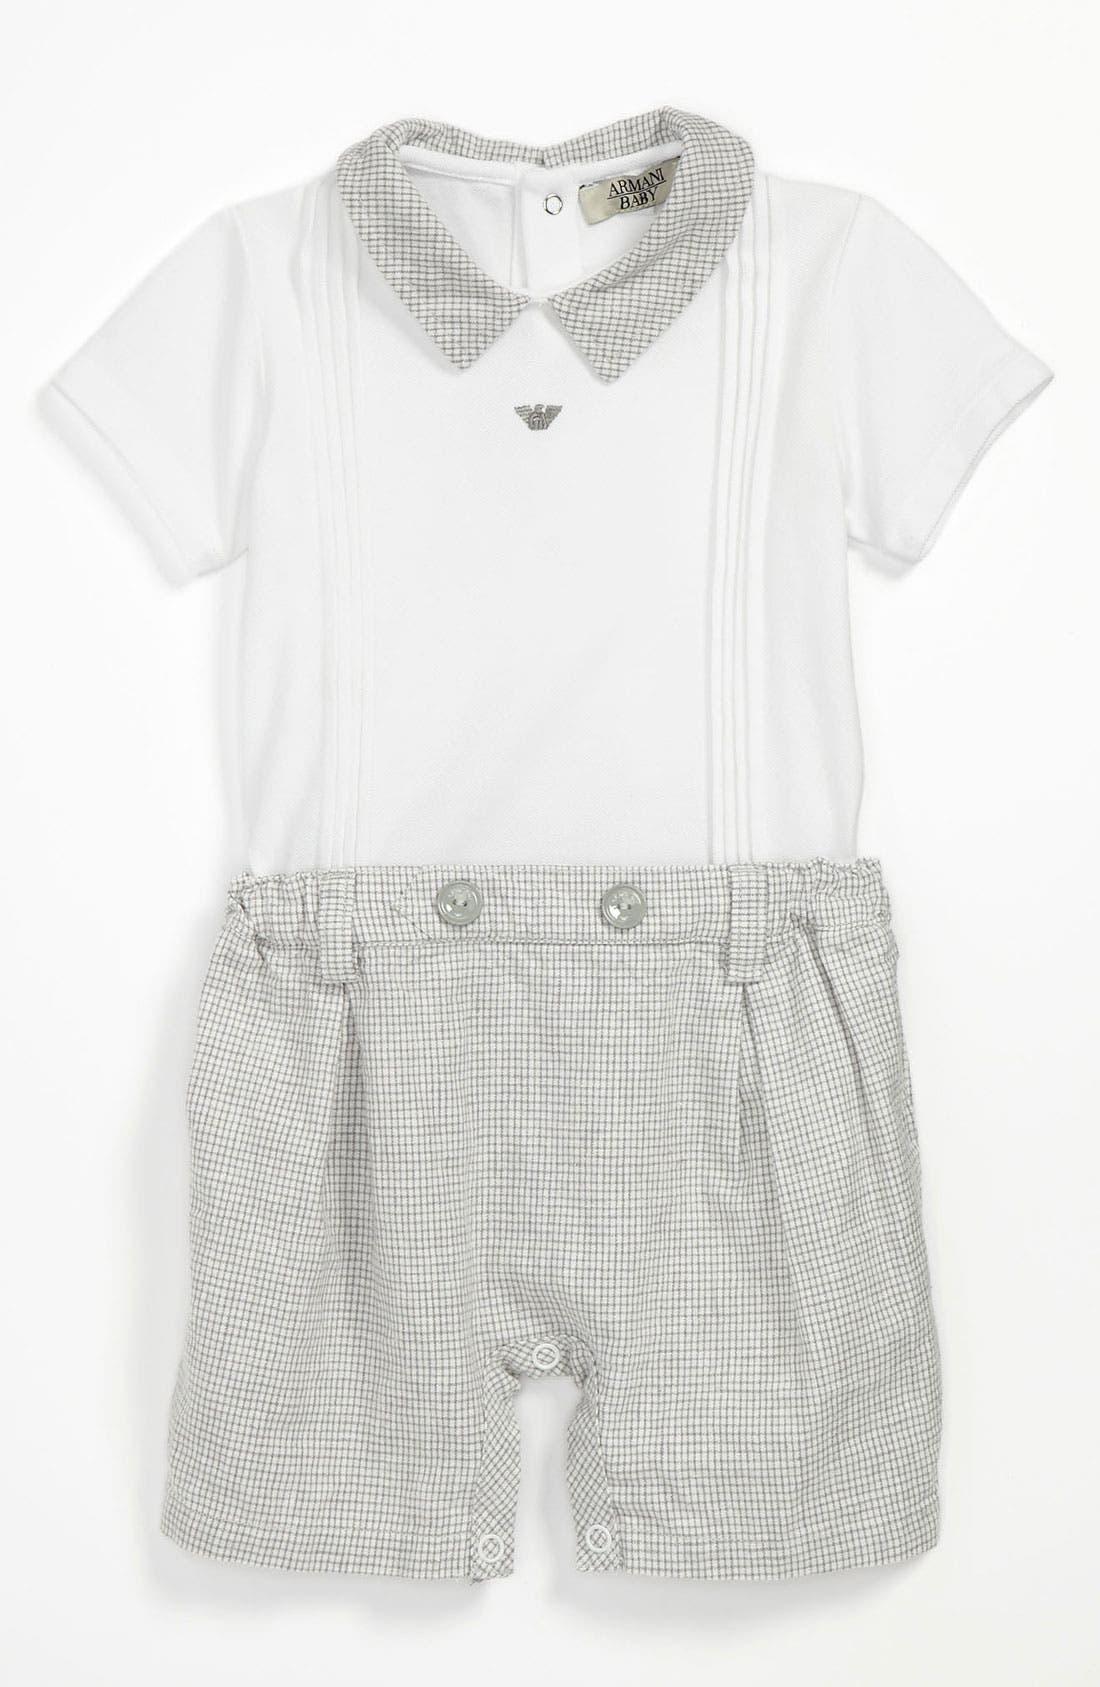 Alternate Image 1 Selected - Armani Junior Romper (Baby)